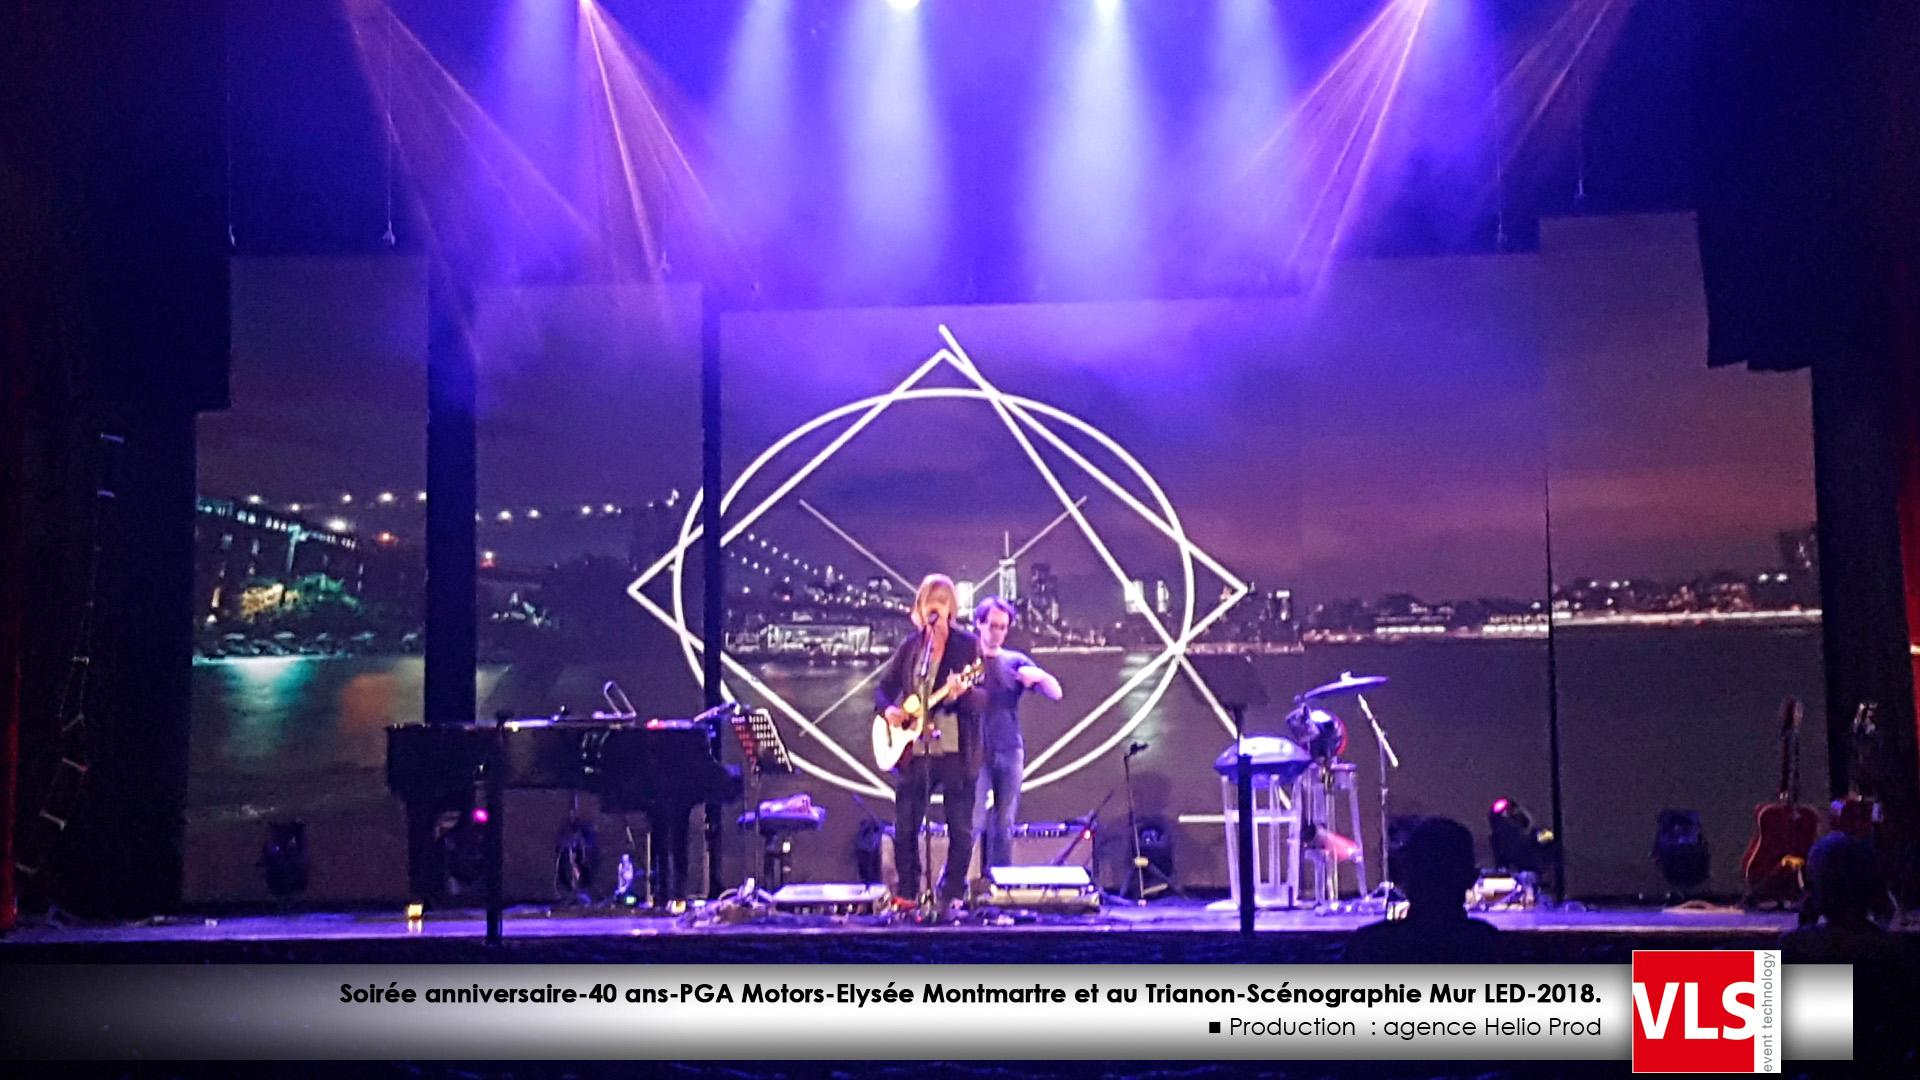 Diffusion Vidéo sur Mur LED-concert